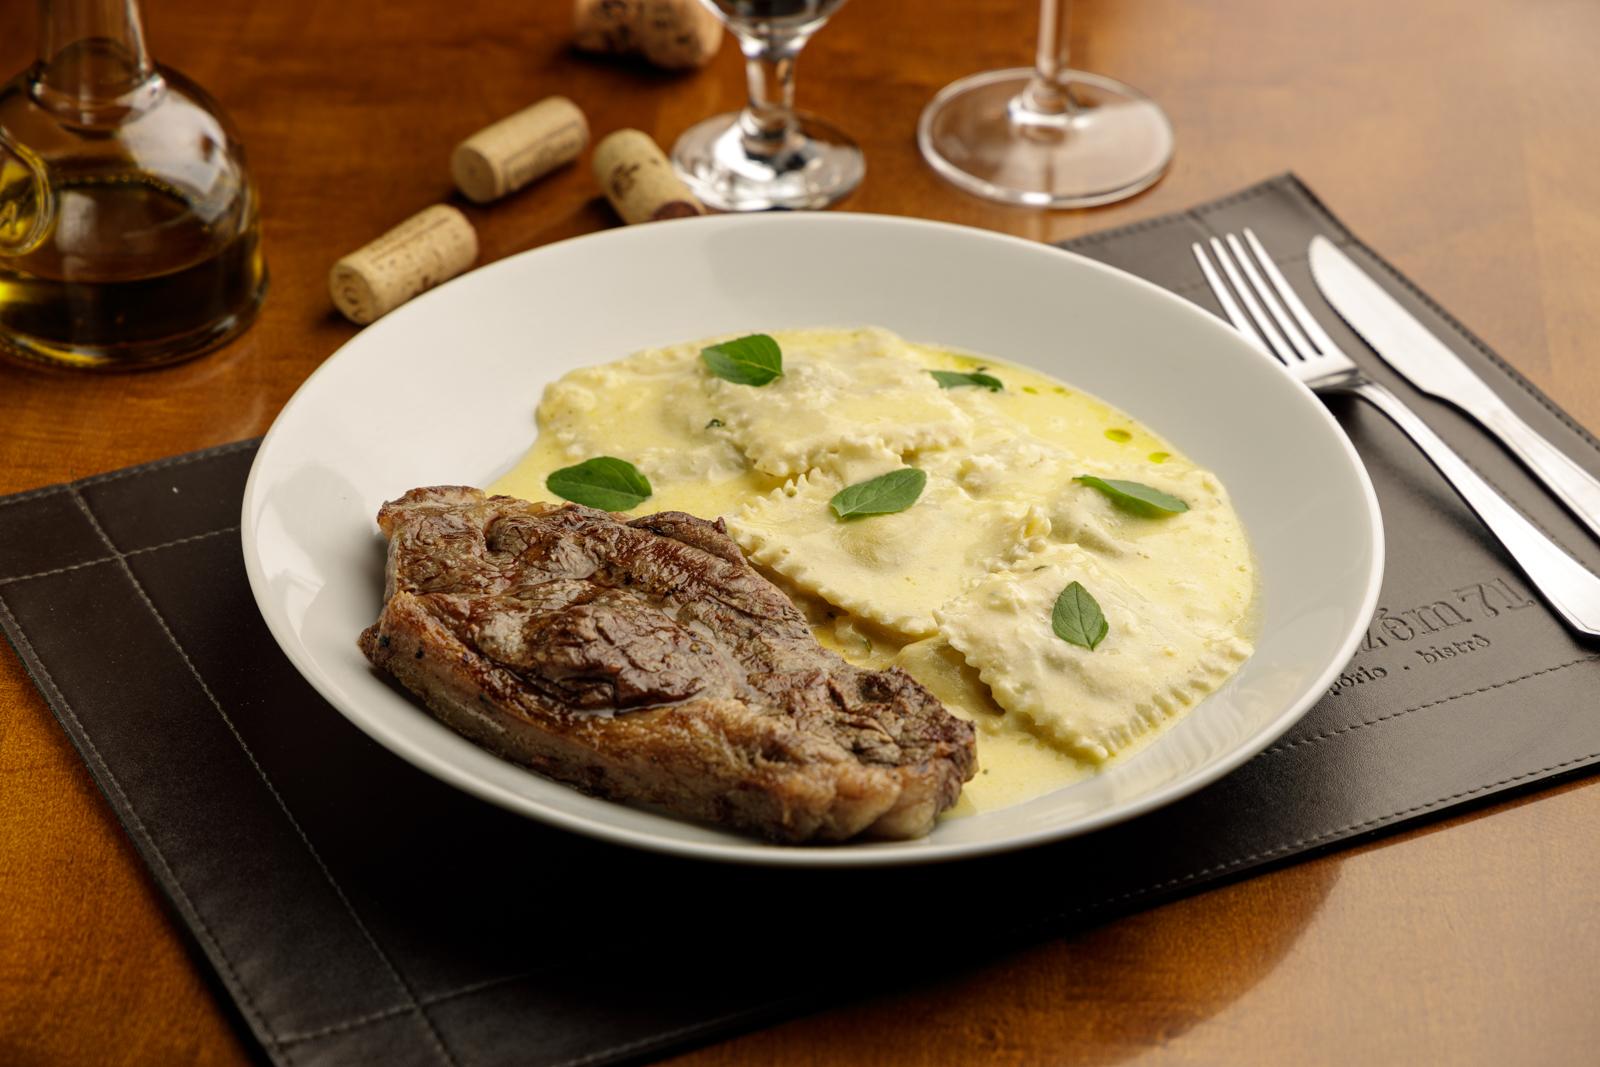 Chorizo com ravióli de muçarela de búfala e pesto ao molho Alfredo, opção do menu do jantar do Armazém 71 Cucina - Vino.